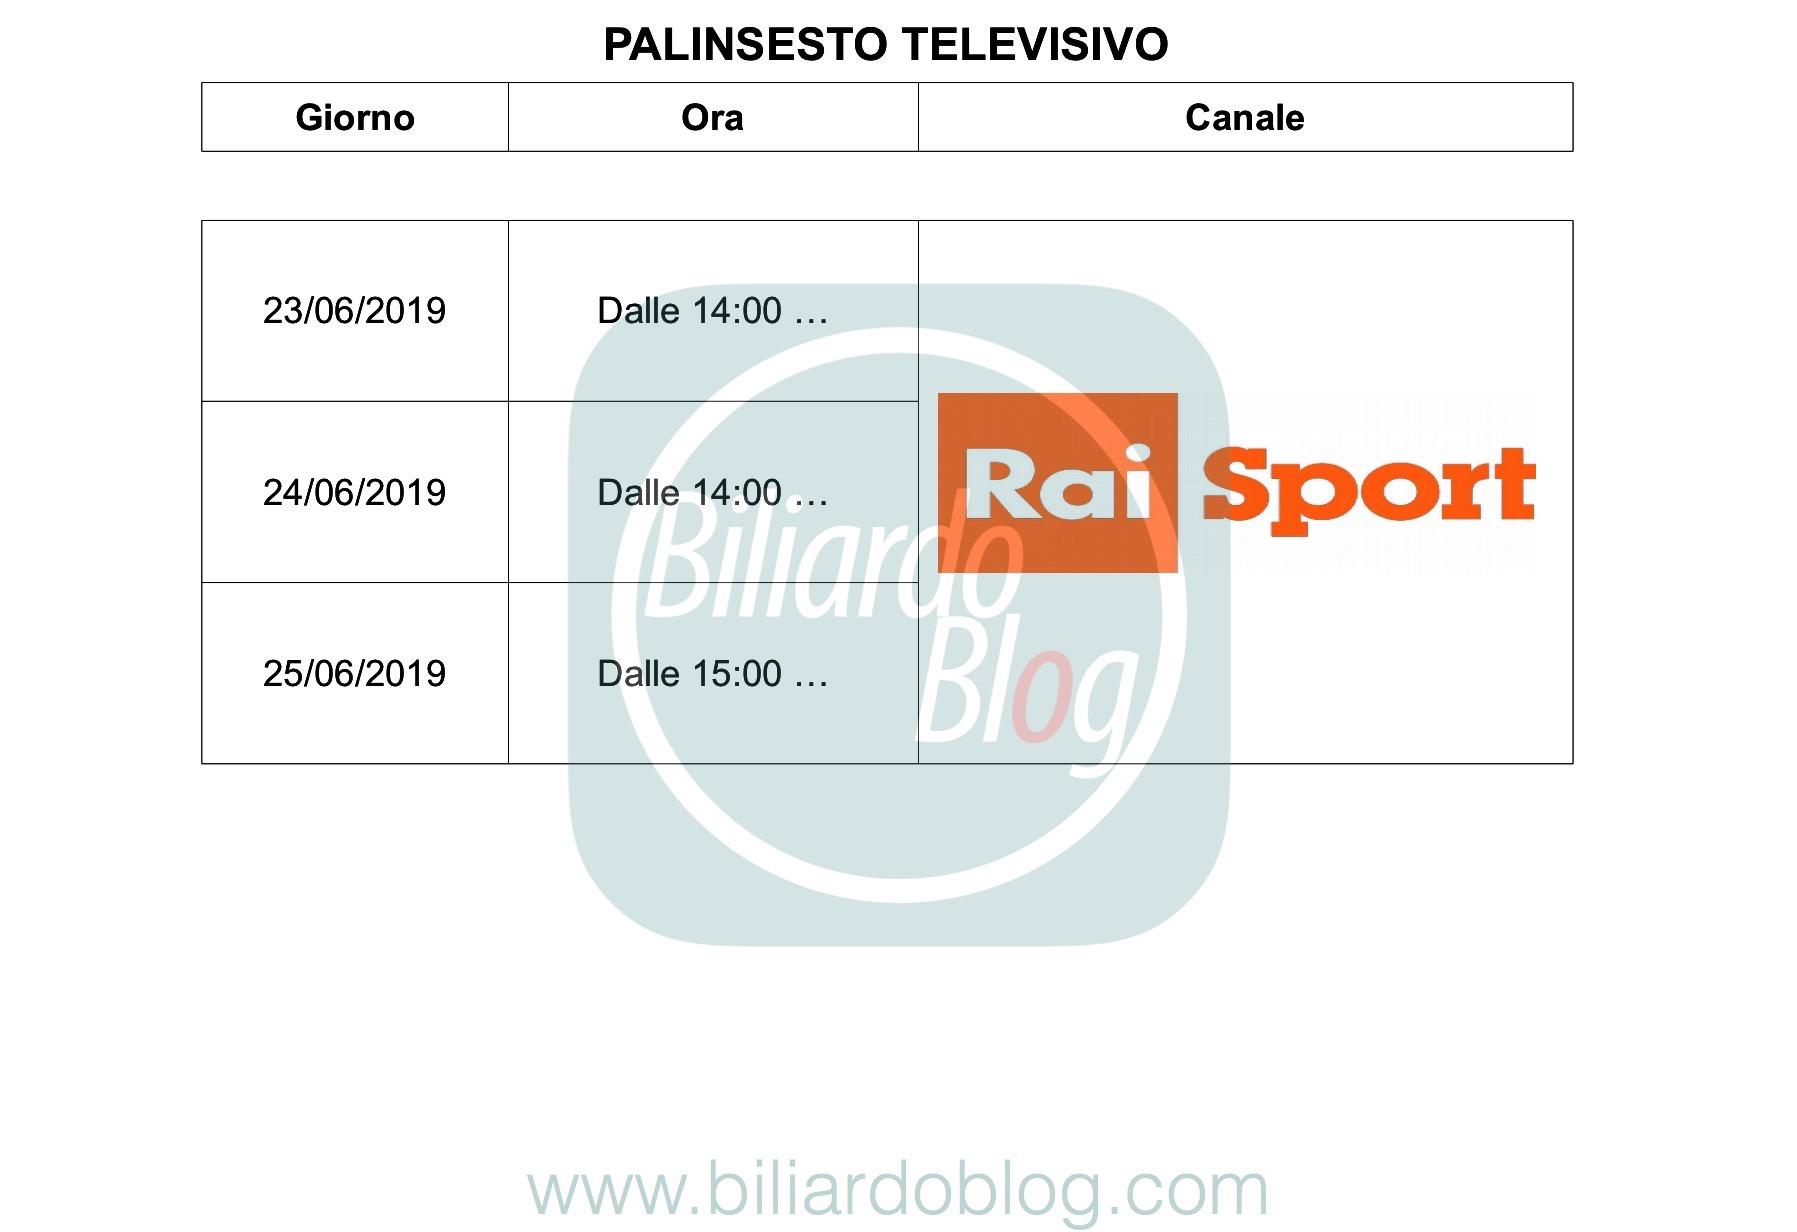 Le Finali del Campionato Italiano di Biliardo 2018 2019: Palinsesto